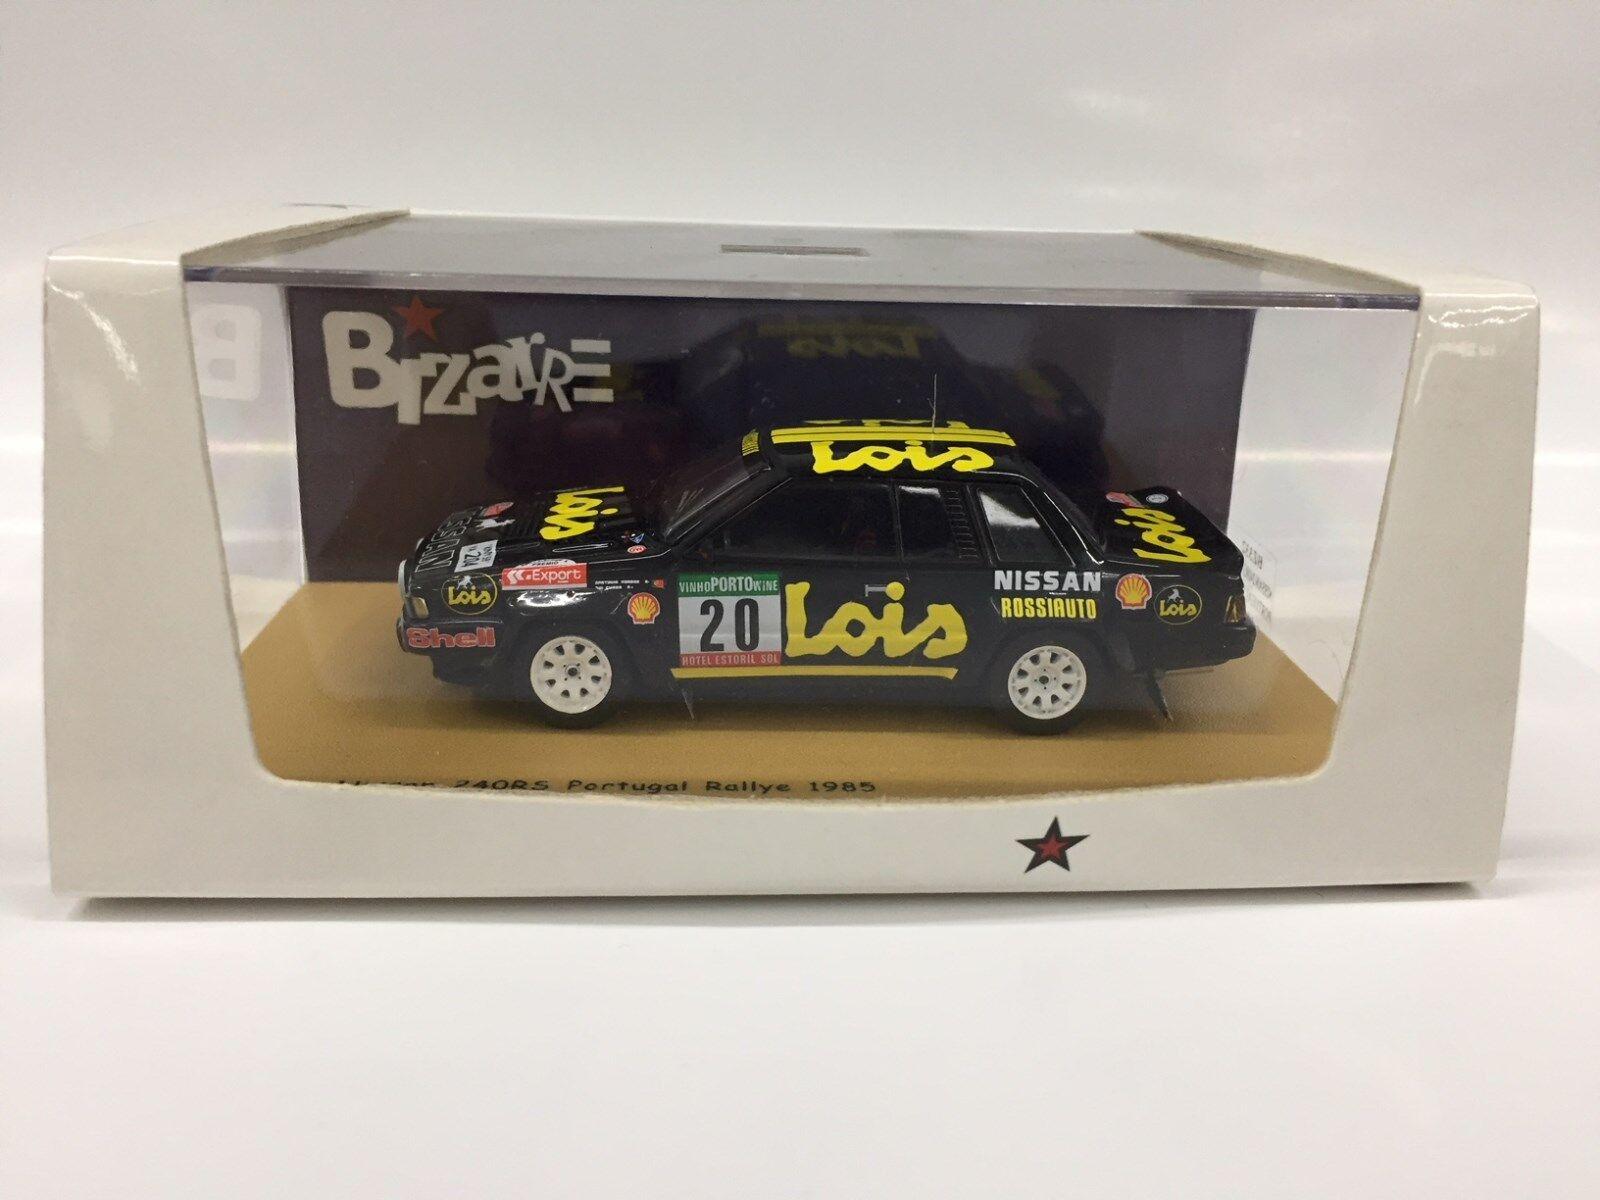 1 43 BIZARRE BZ332 NISSAN 240 RS  LOIS  PORTUGAL RALLYE 1985